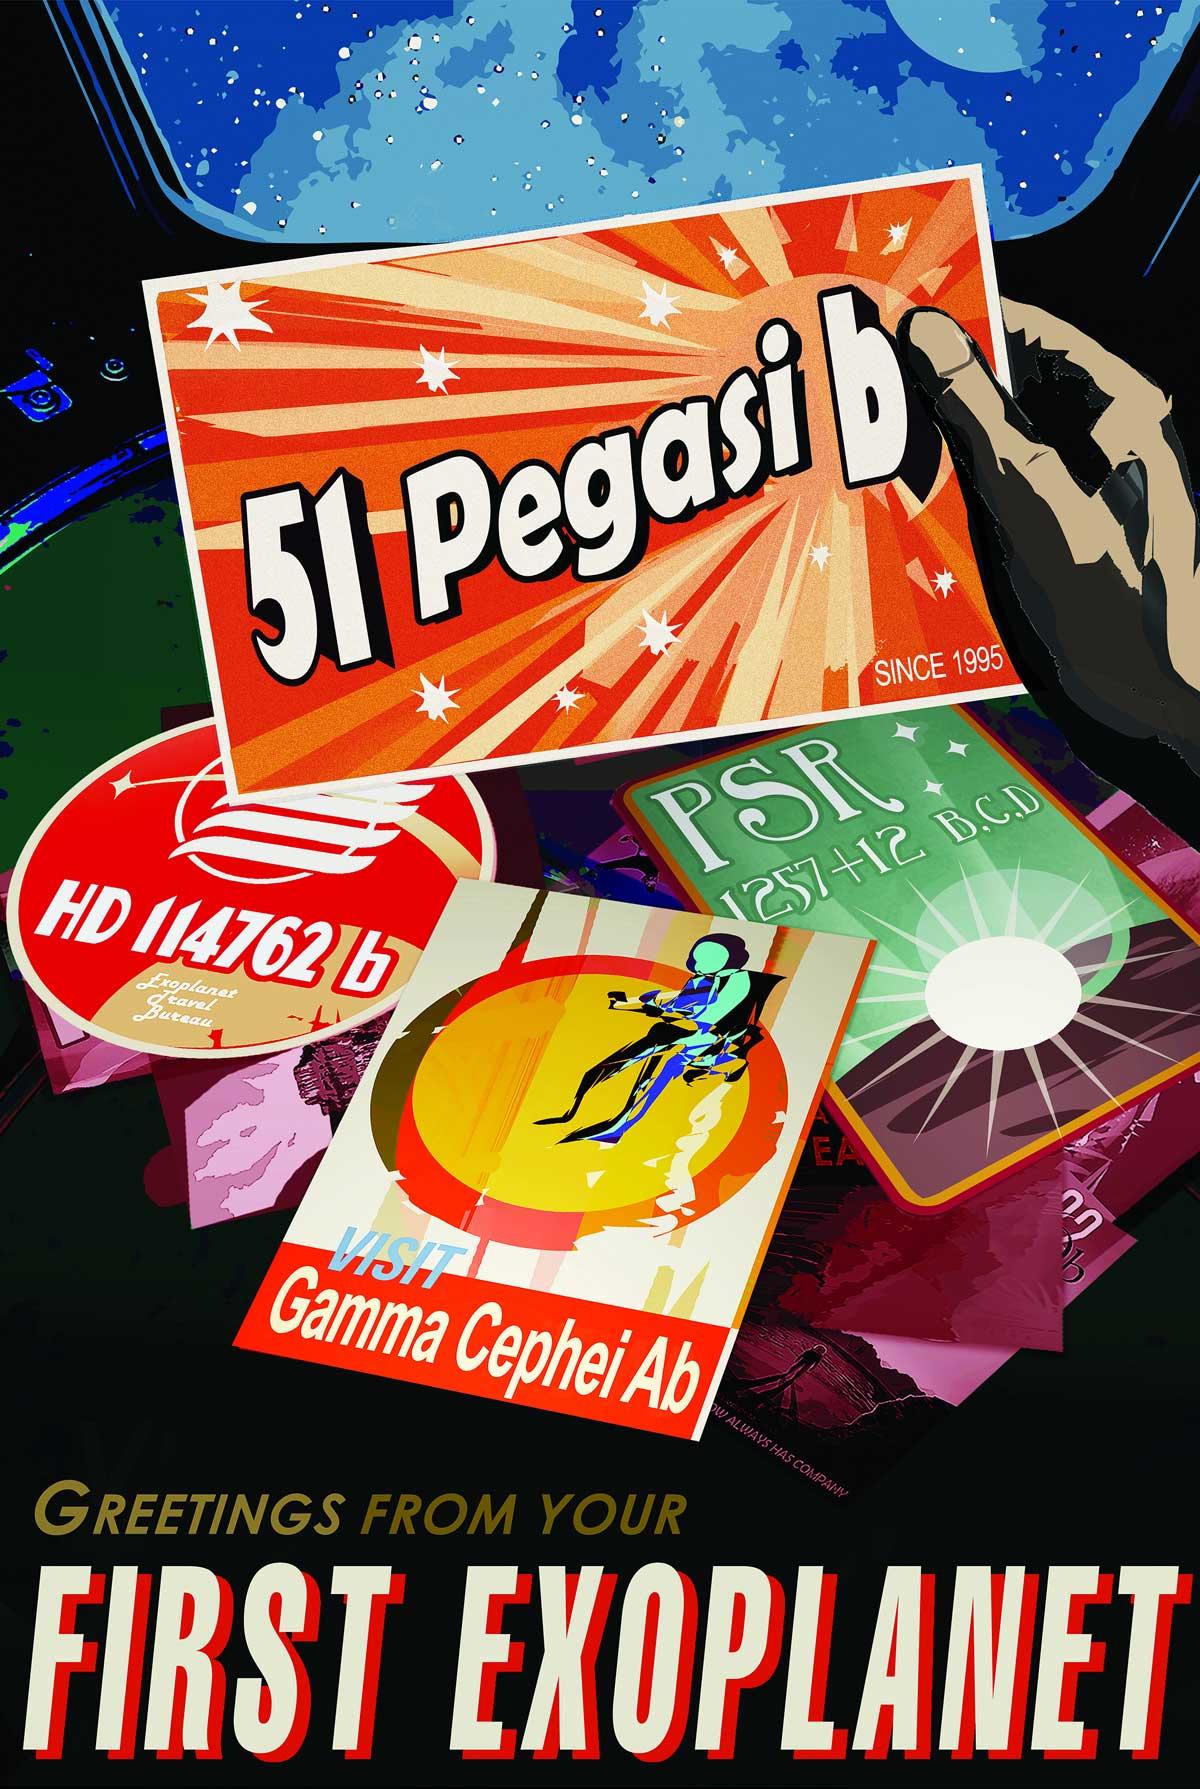 51 Pegasi B